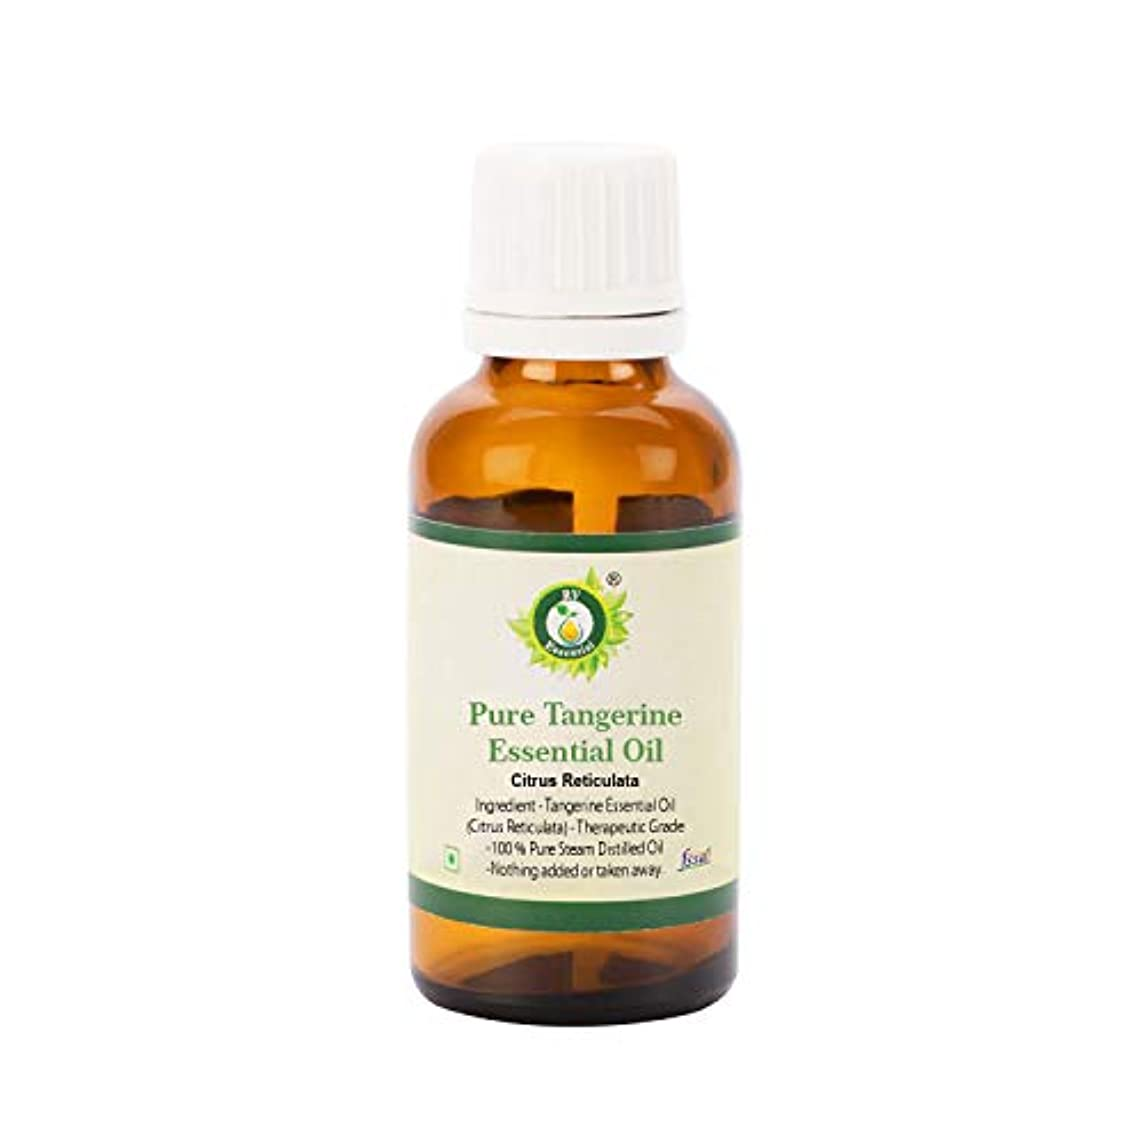 絶妙モロニック韓国R V Essential ピュアタンジェリンエッセンシャルオイル50ml (1.69oz)- Citrus Reticulata (100%純粋&天然スチームDistilled) Pure Tangerine Essential...